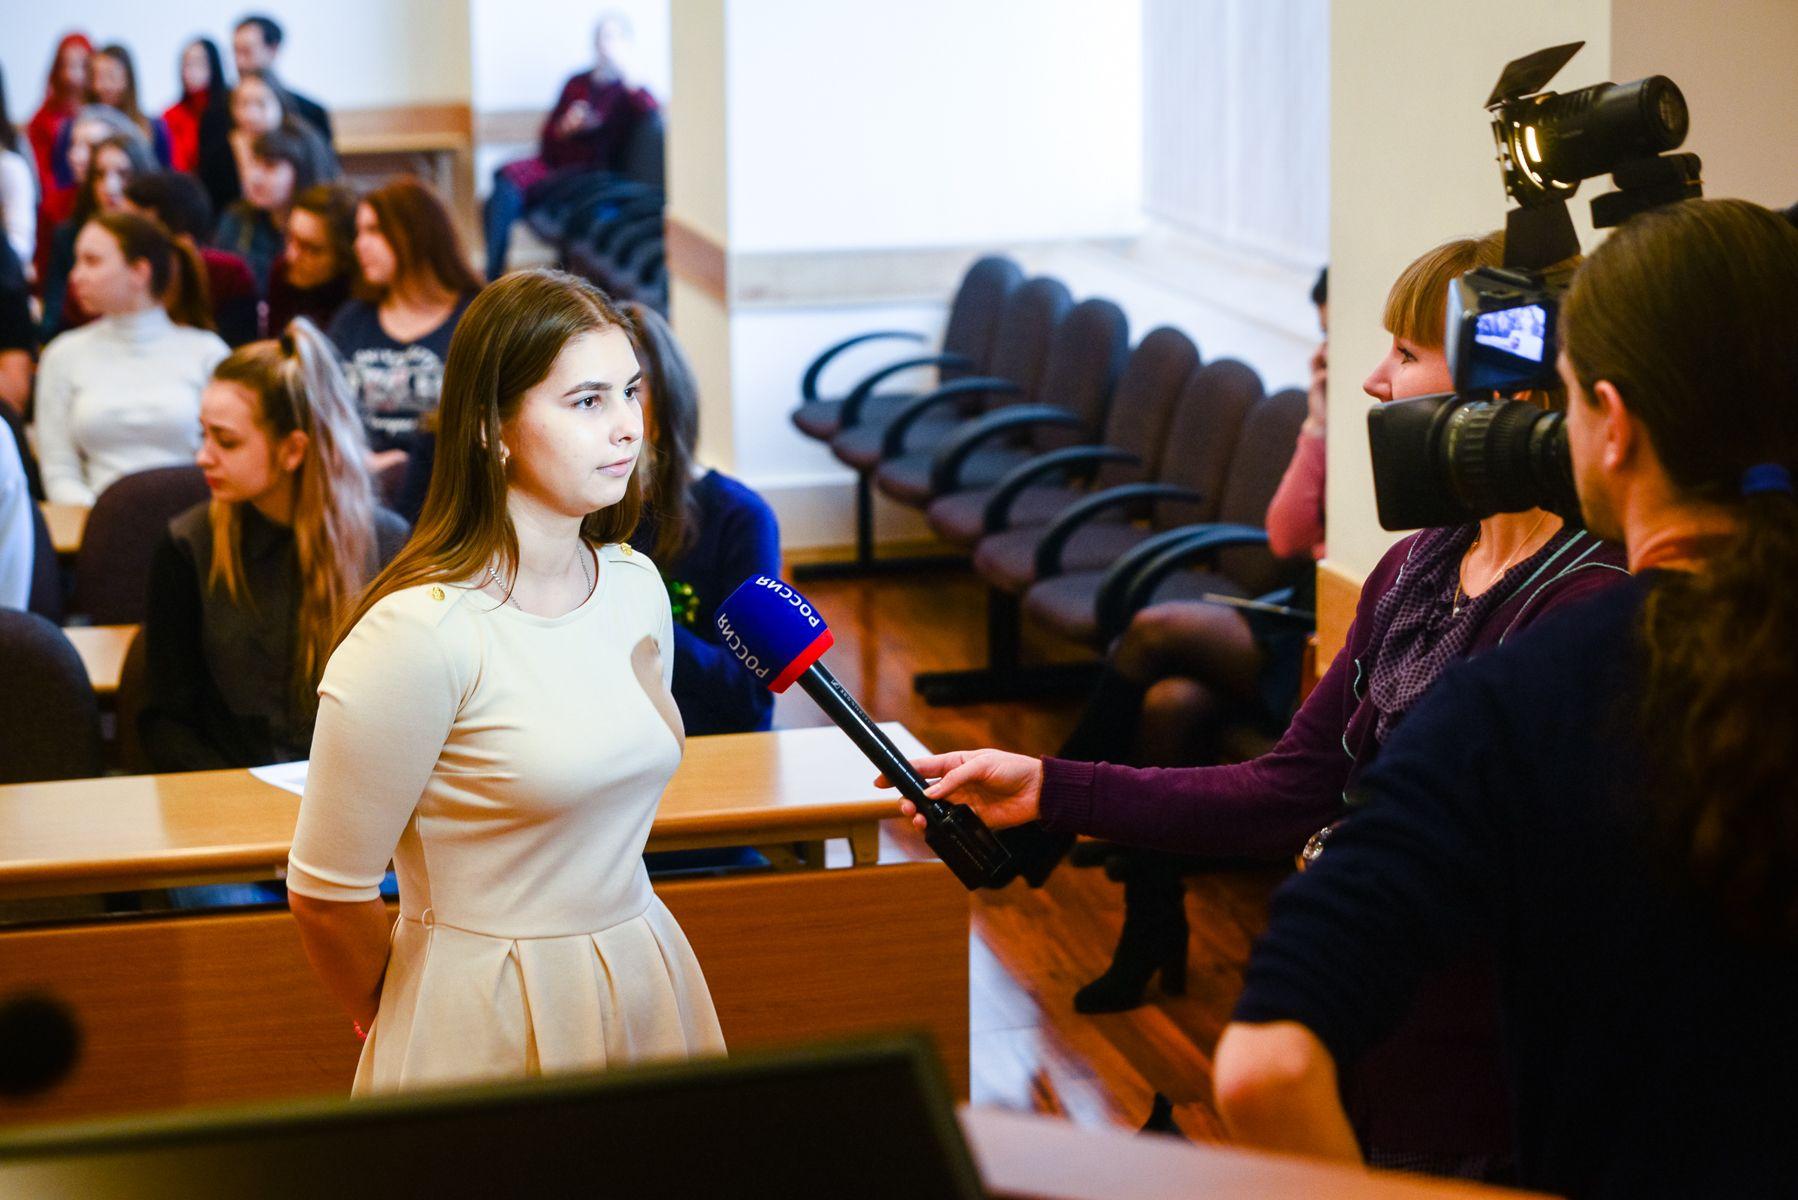 Студенты ВГУЭС будут следить за чистотой президентских выборов